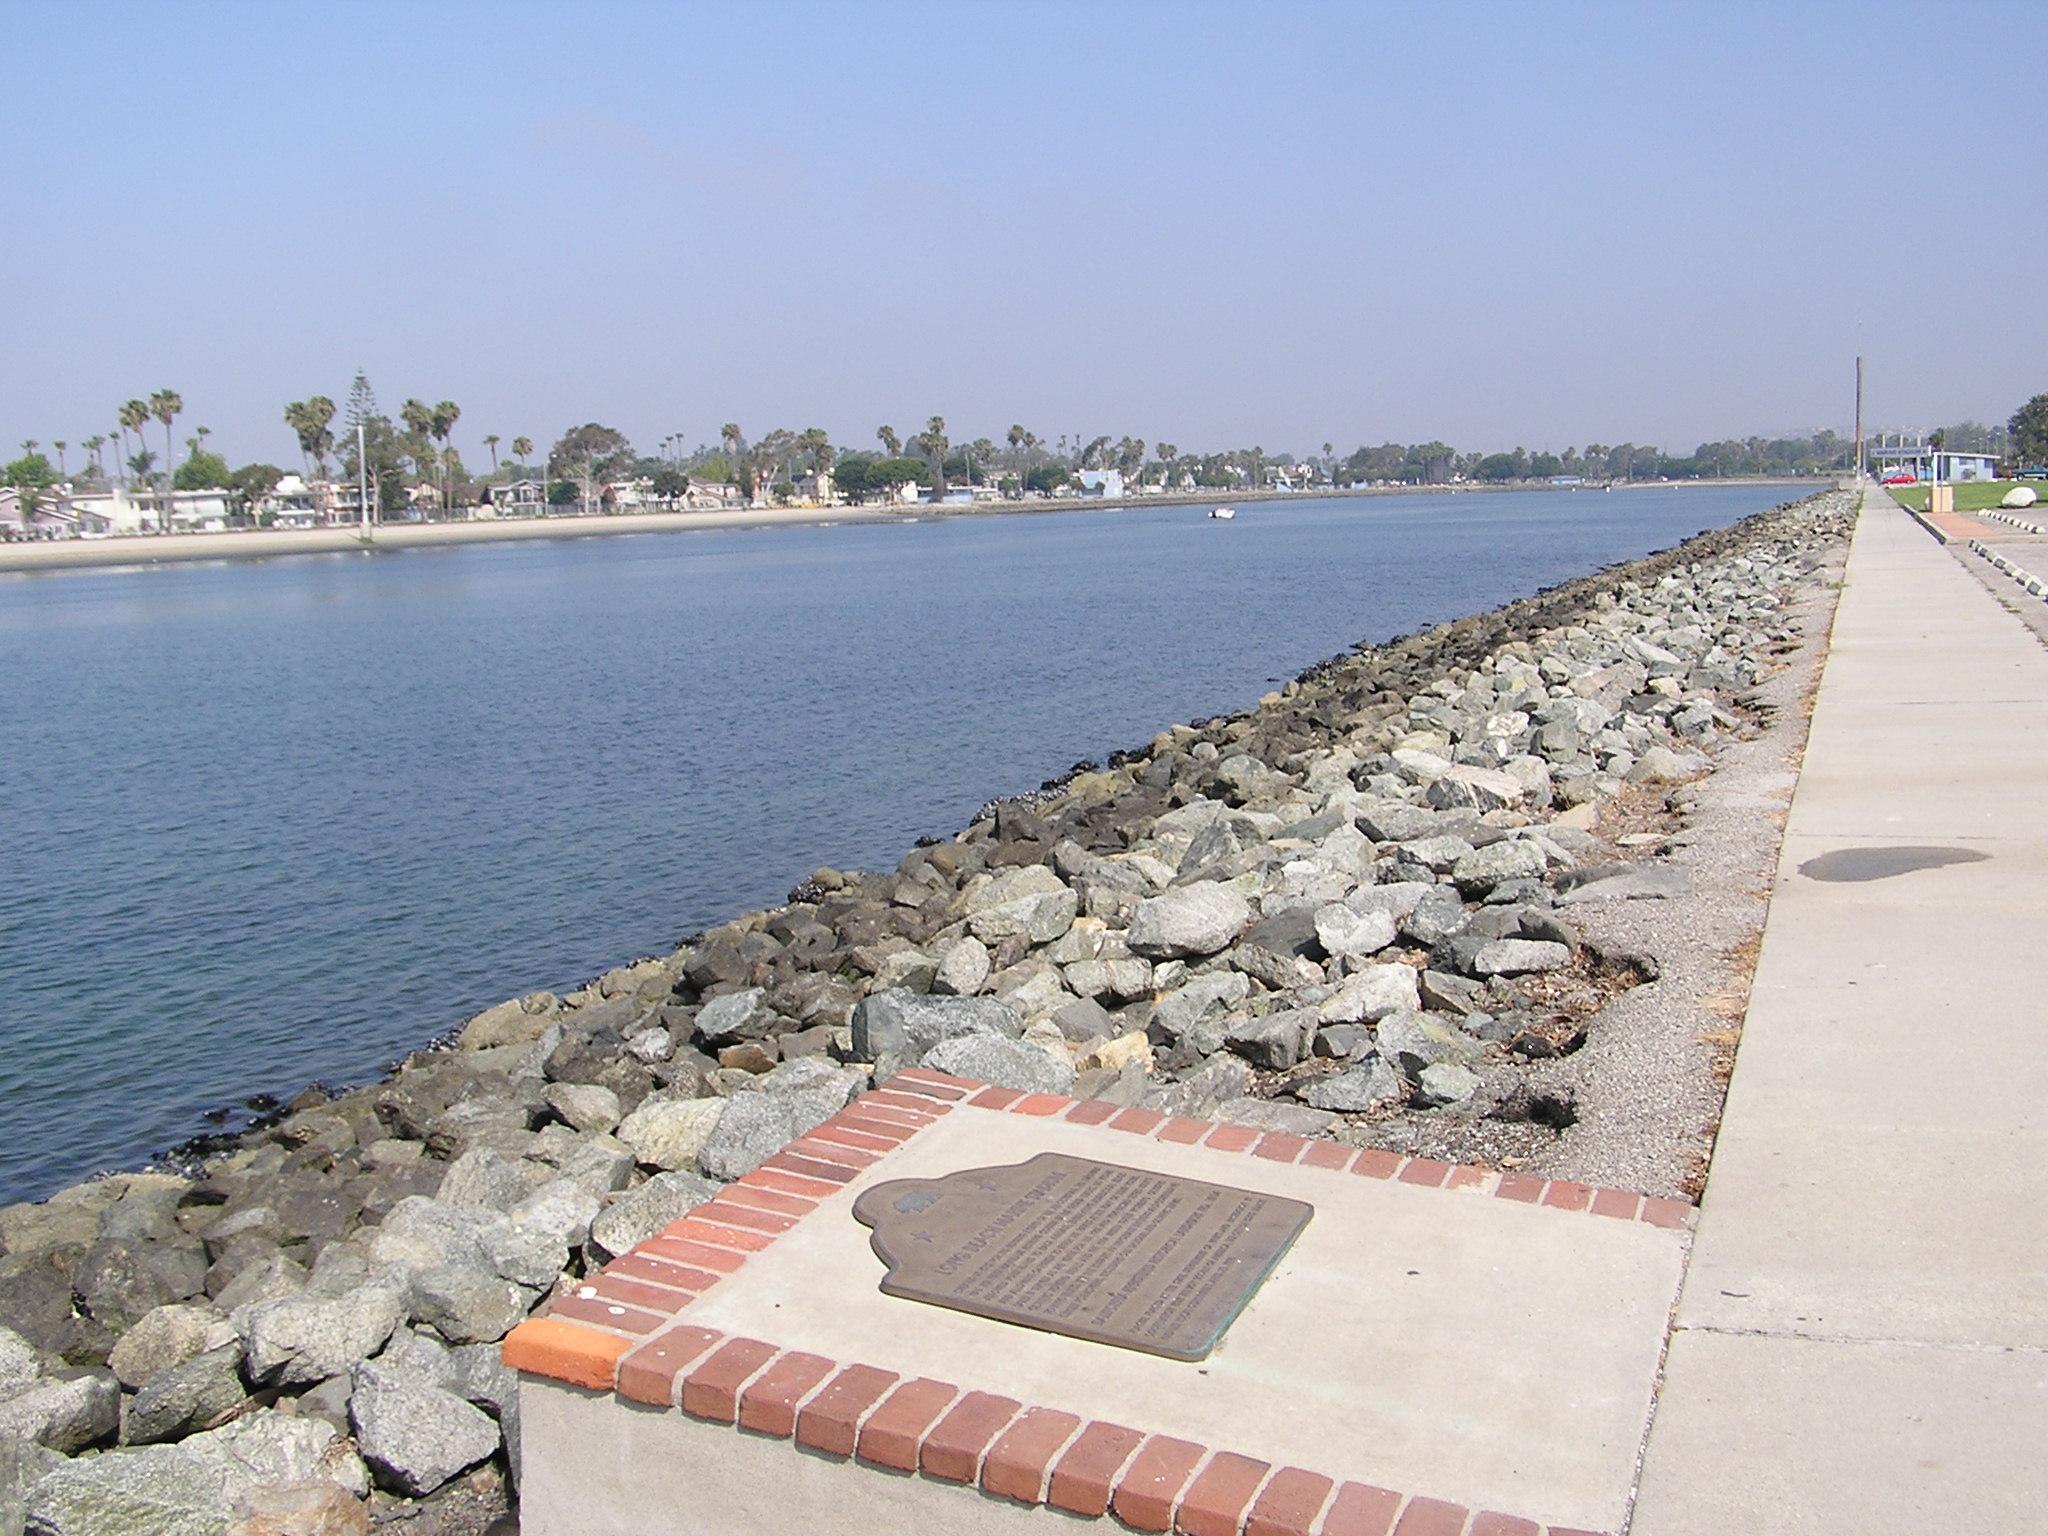 Long Beach Marine Stadium Marker & View